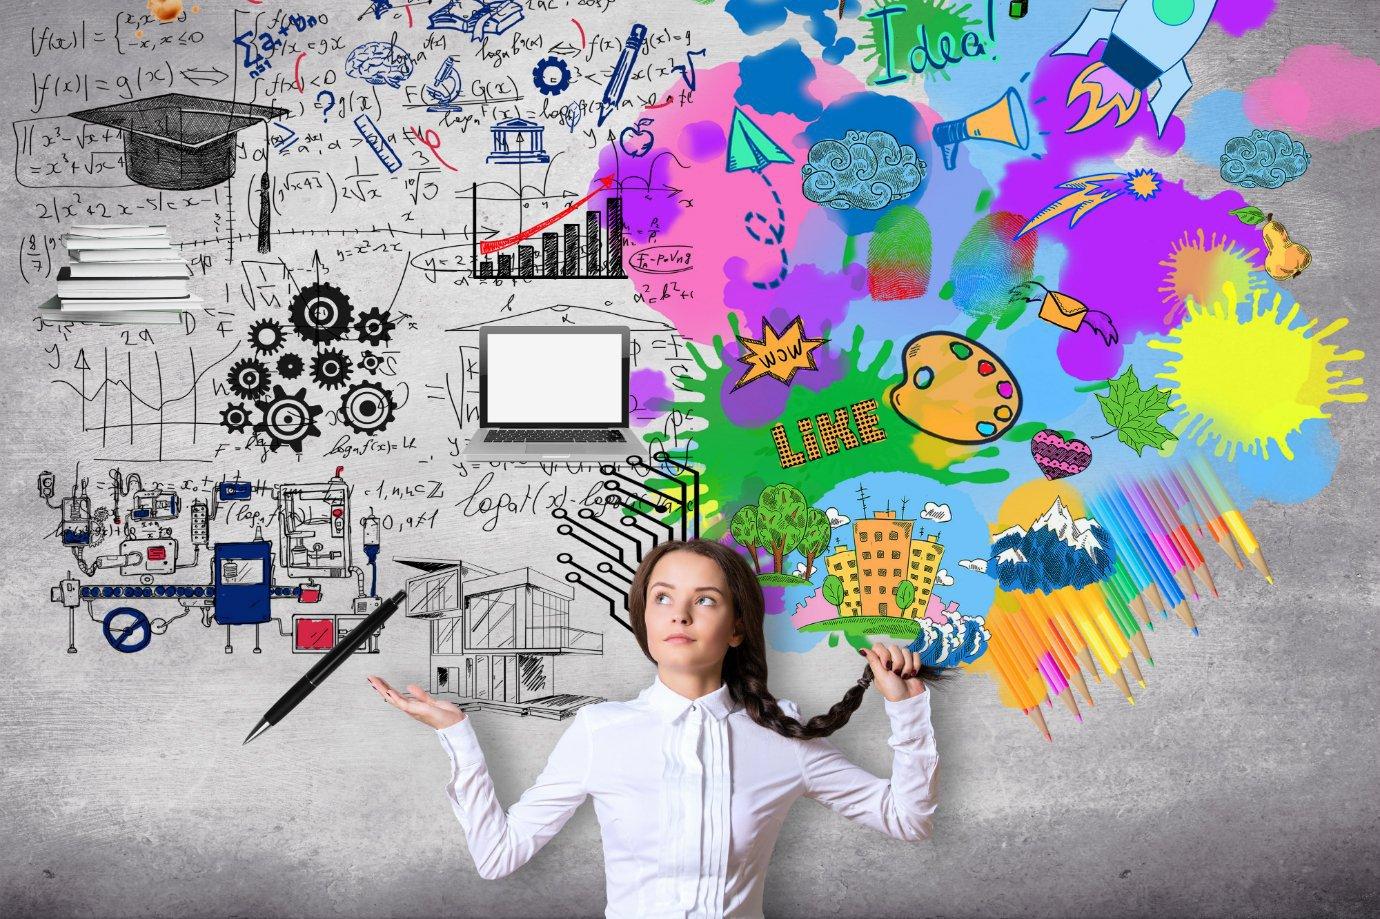 Empreendedora com diversas ideias; inovação, ideia de negócio, empreendedorismo, projetos, planejamento